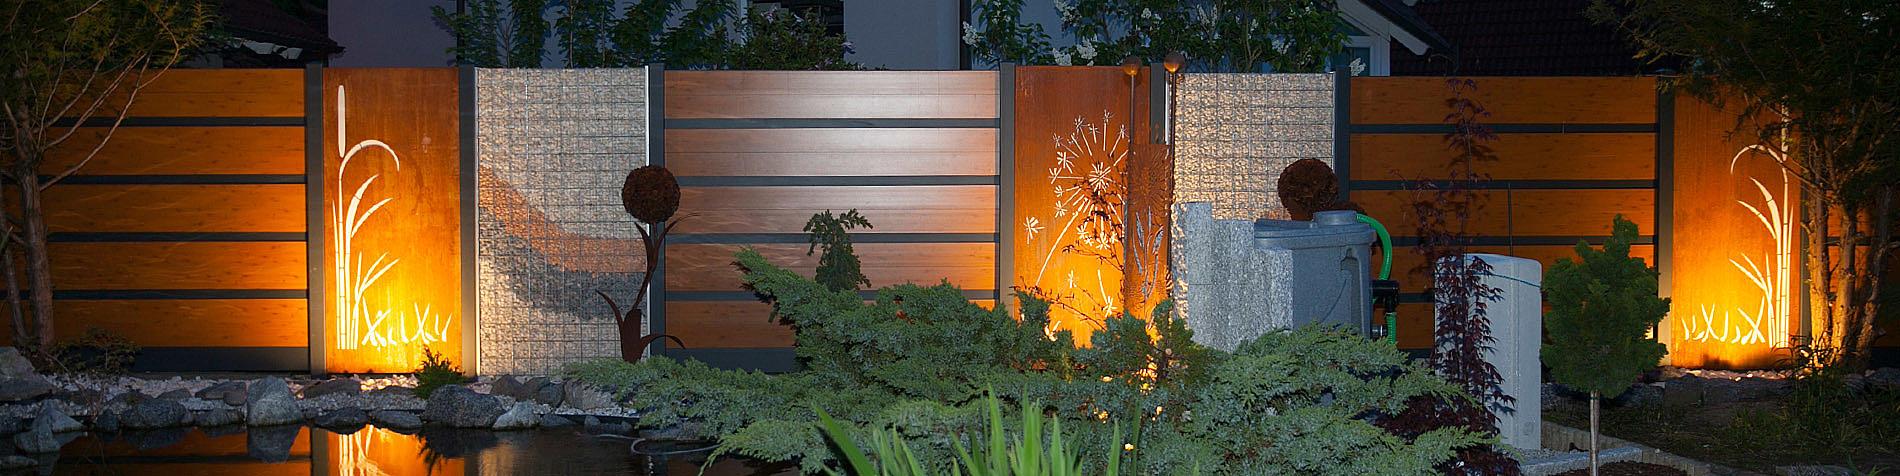 Full Size of Sichtschutz Rost Fenster Bett Lattenrost 180x200 Mit Und Matratze Sichtschutzfolie Einseitig Durchsichtig Sichtschutzfolien Für Schlafzimmer Komplett Garten Wohnzimmer Sichtschutz Rost